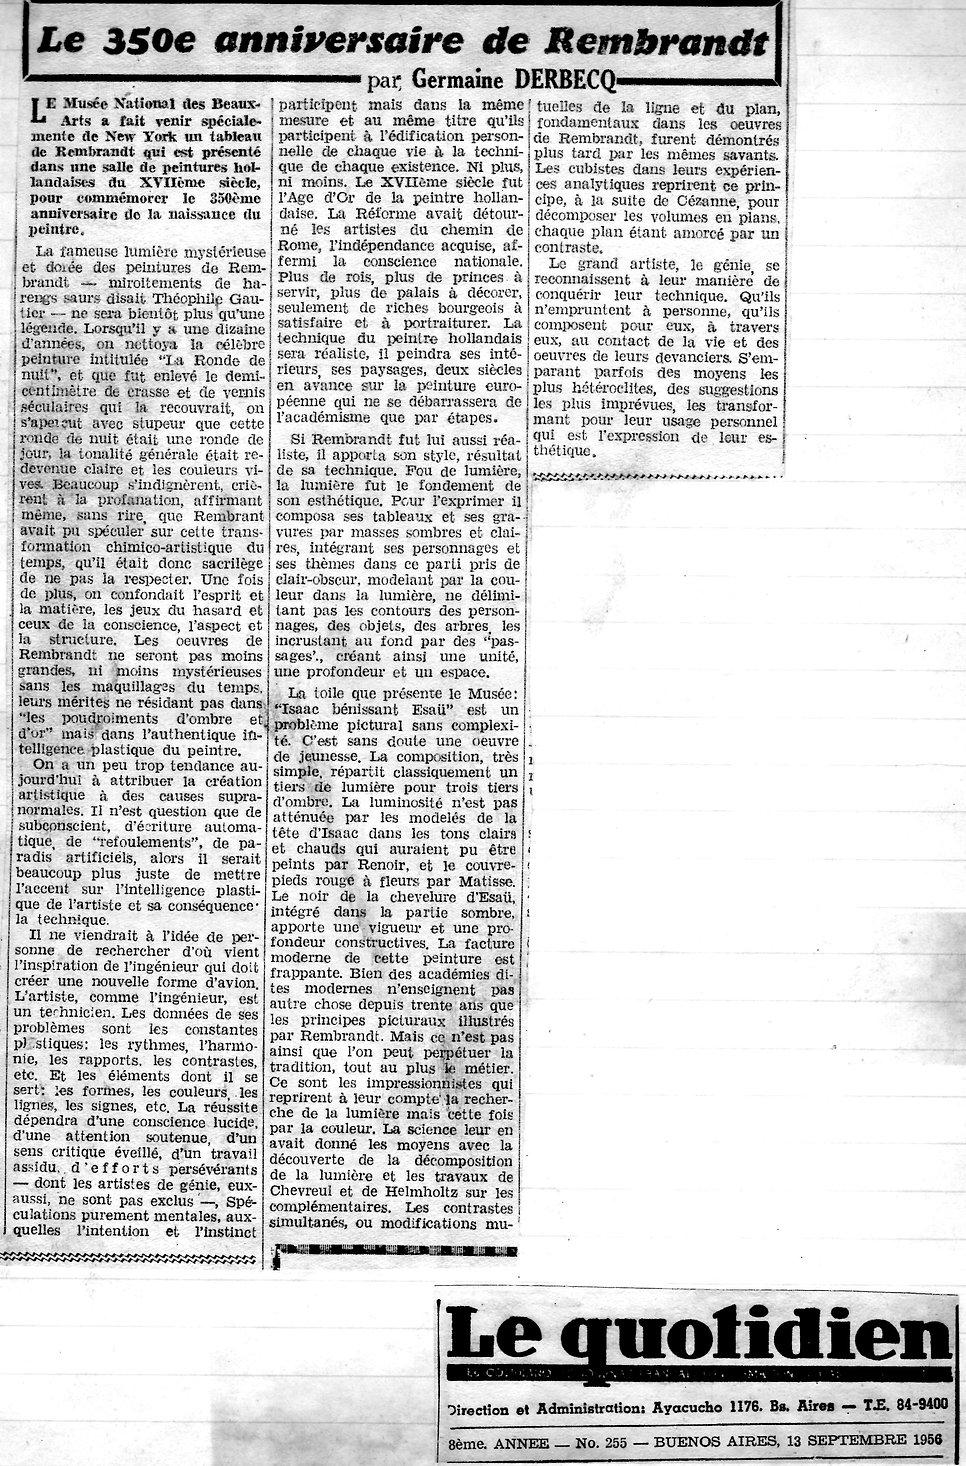 Le Quotidien.2 - 350 anniversaire de Rem